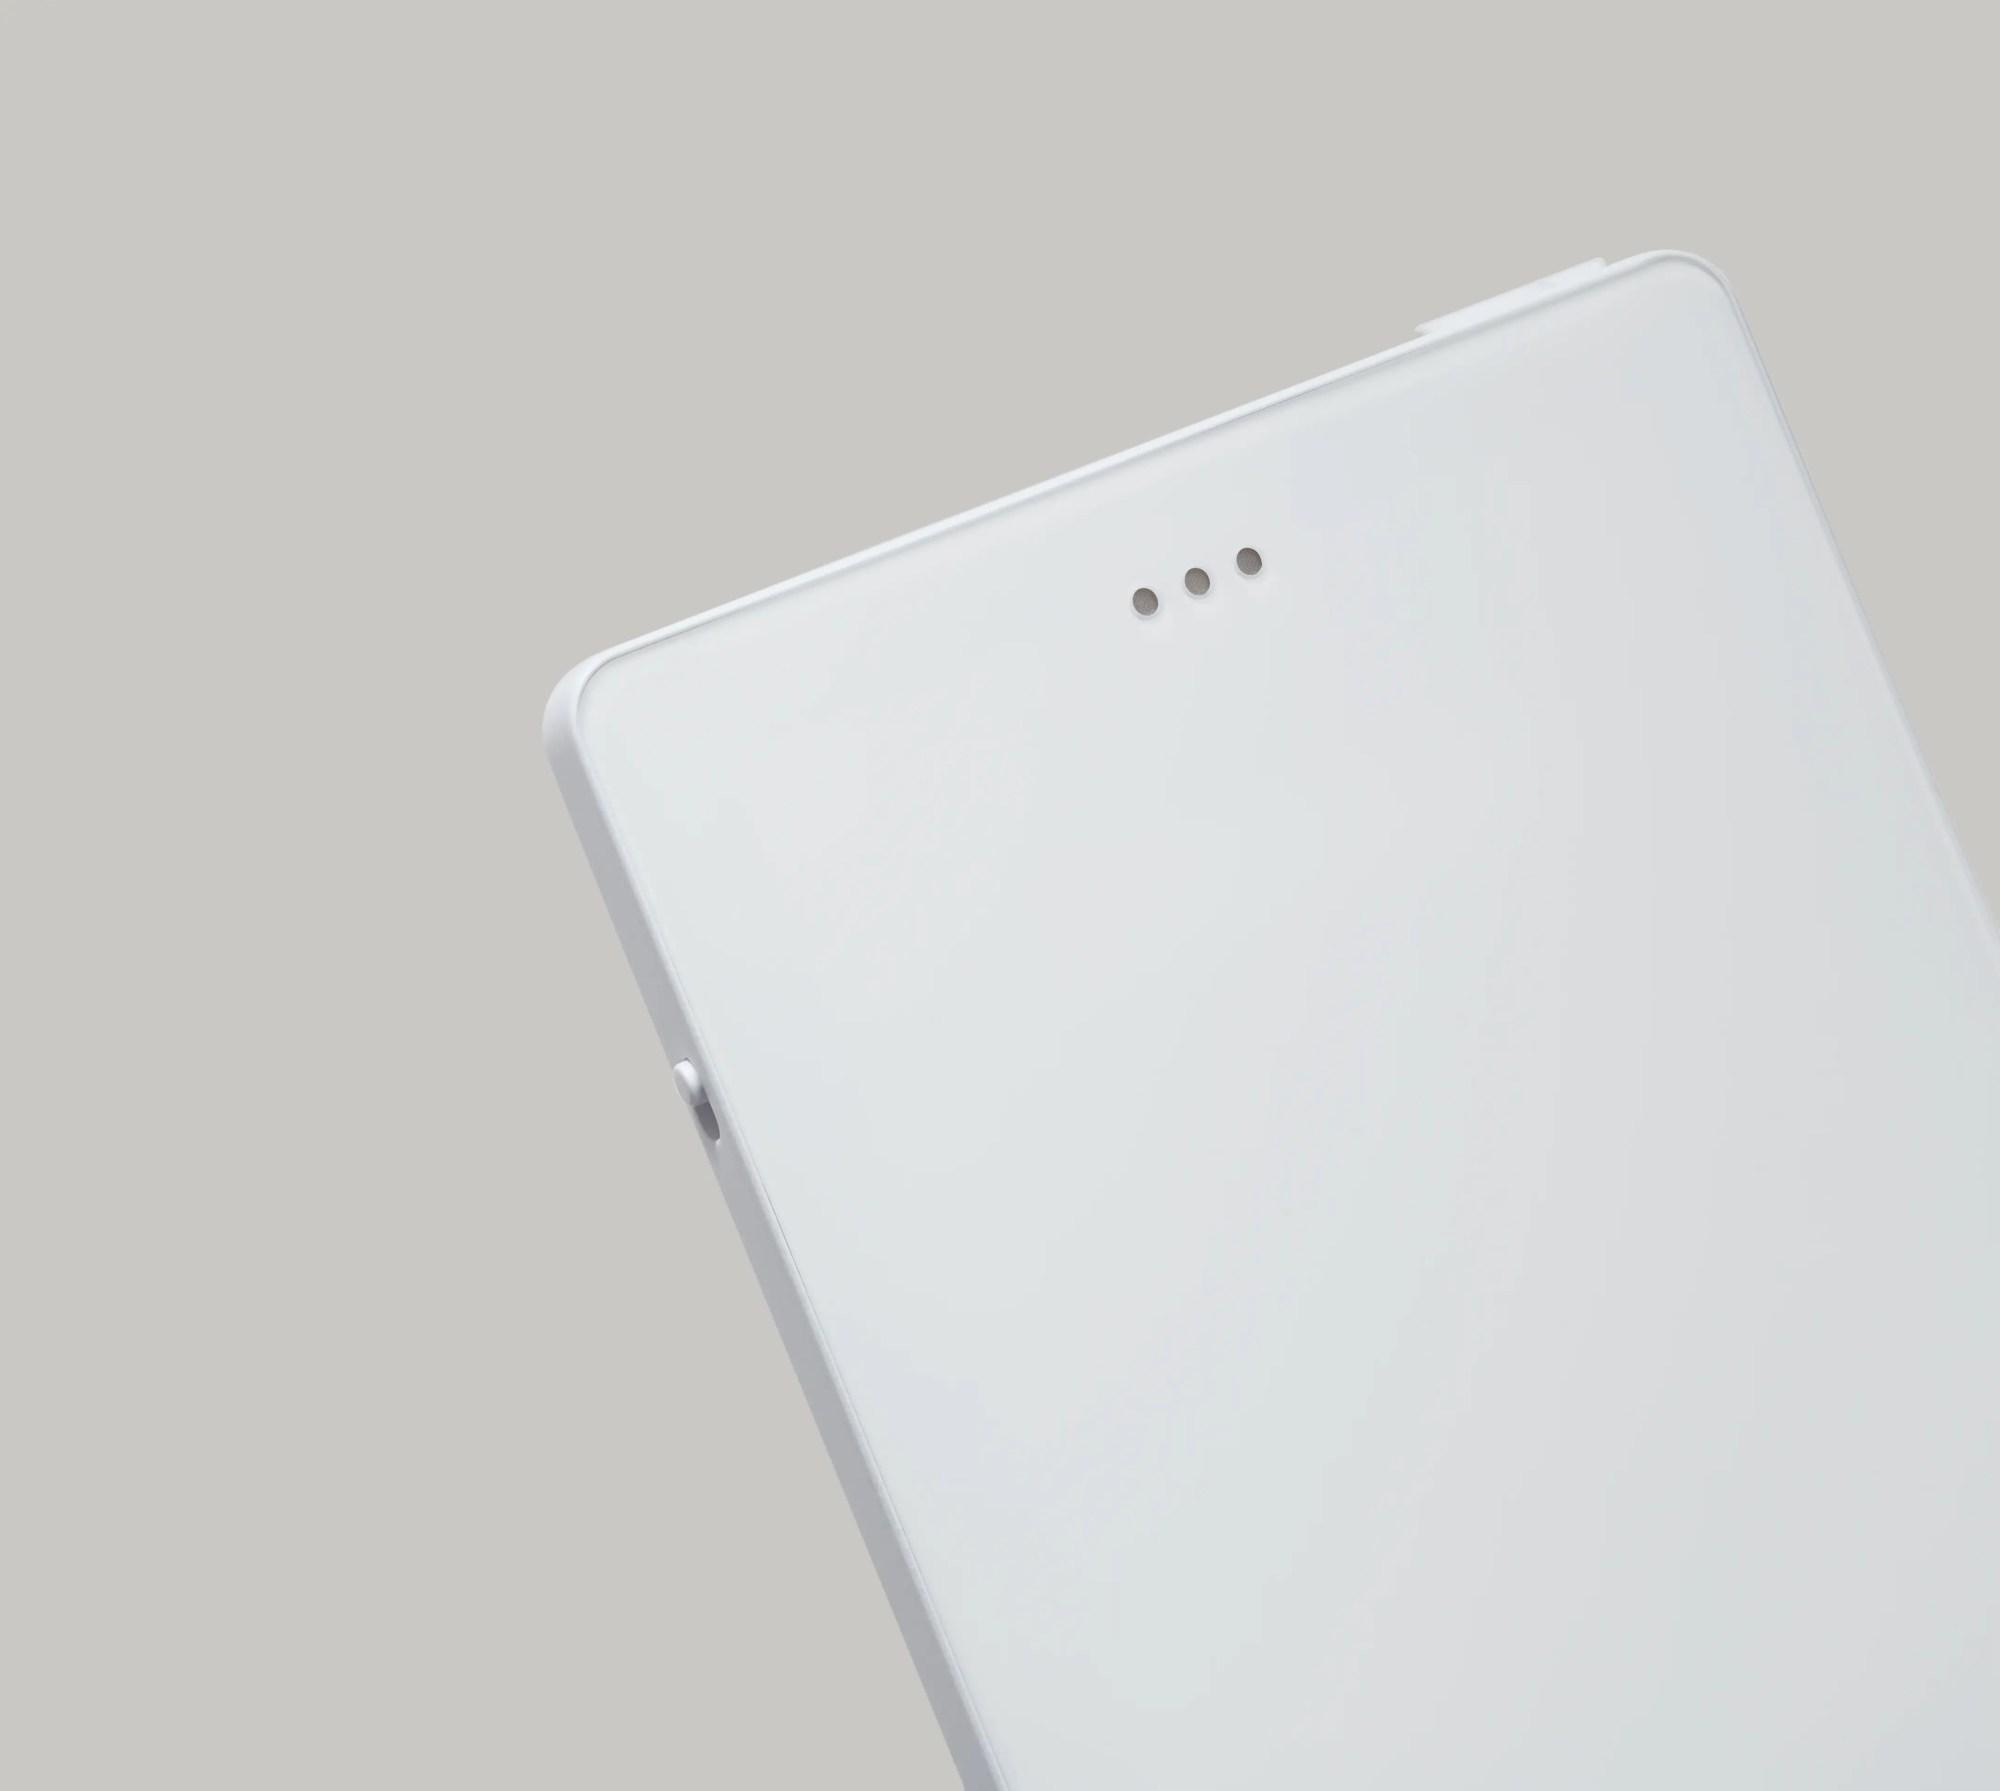 hight resolution of light phone